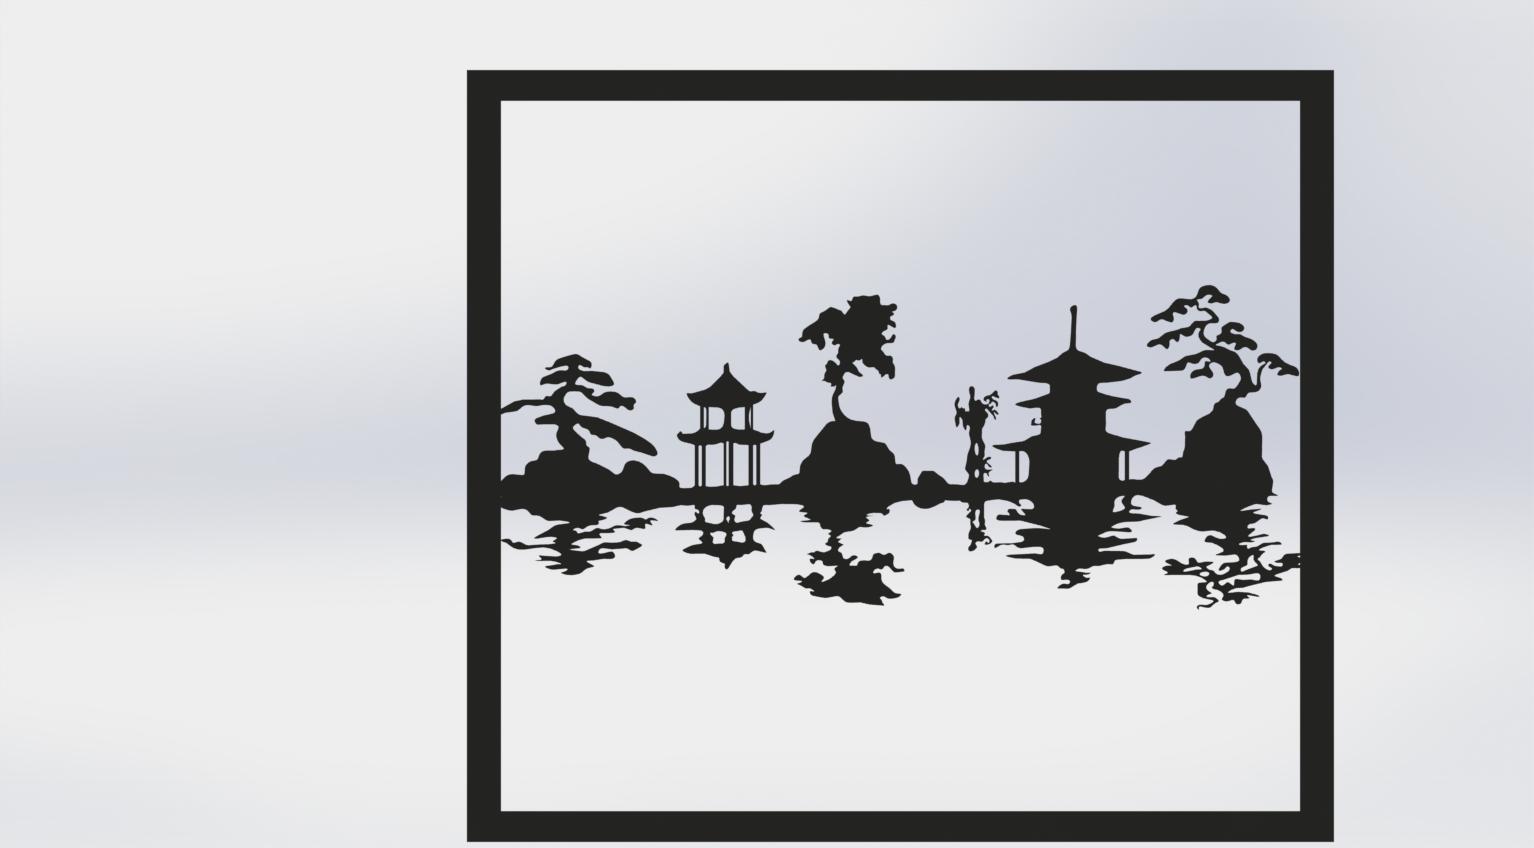 paisaje japones.png Télécharger fichier STL gratuit Carte du paysage japonais • Design à imprimer en 3D, TMDs